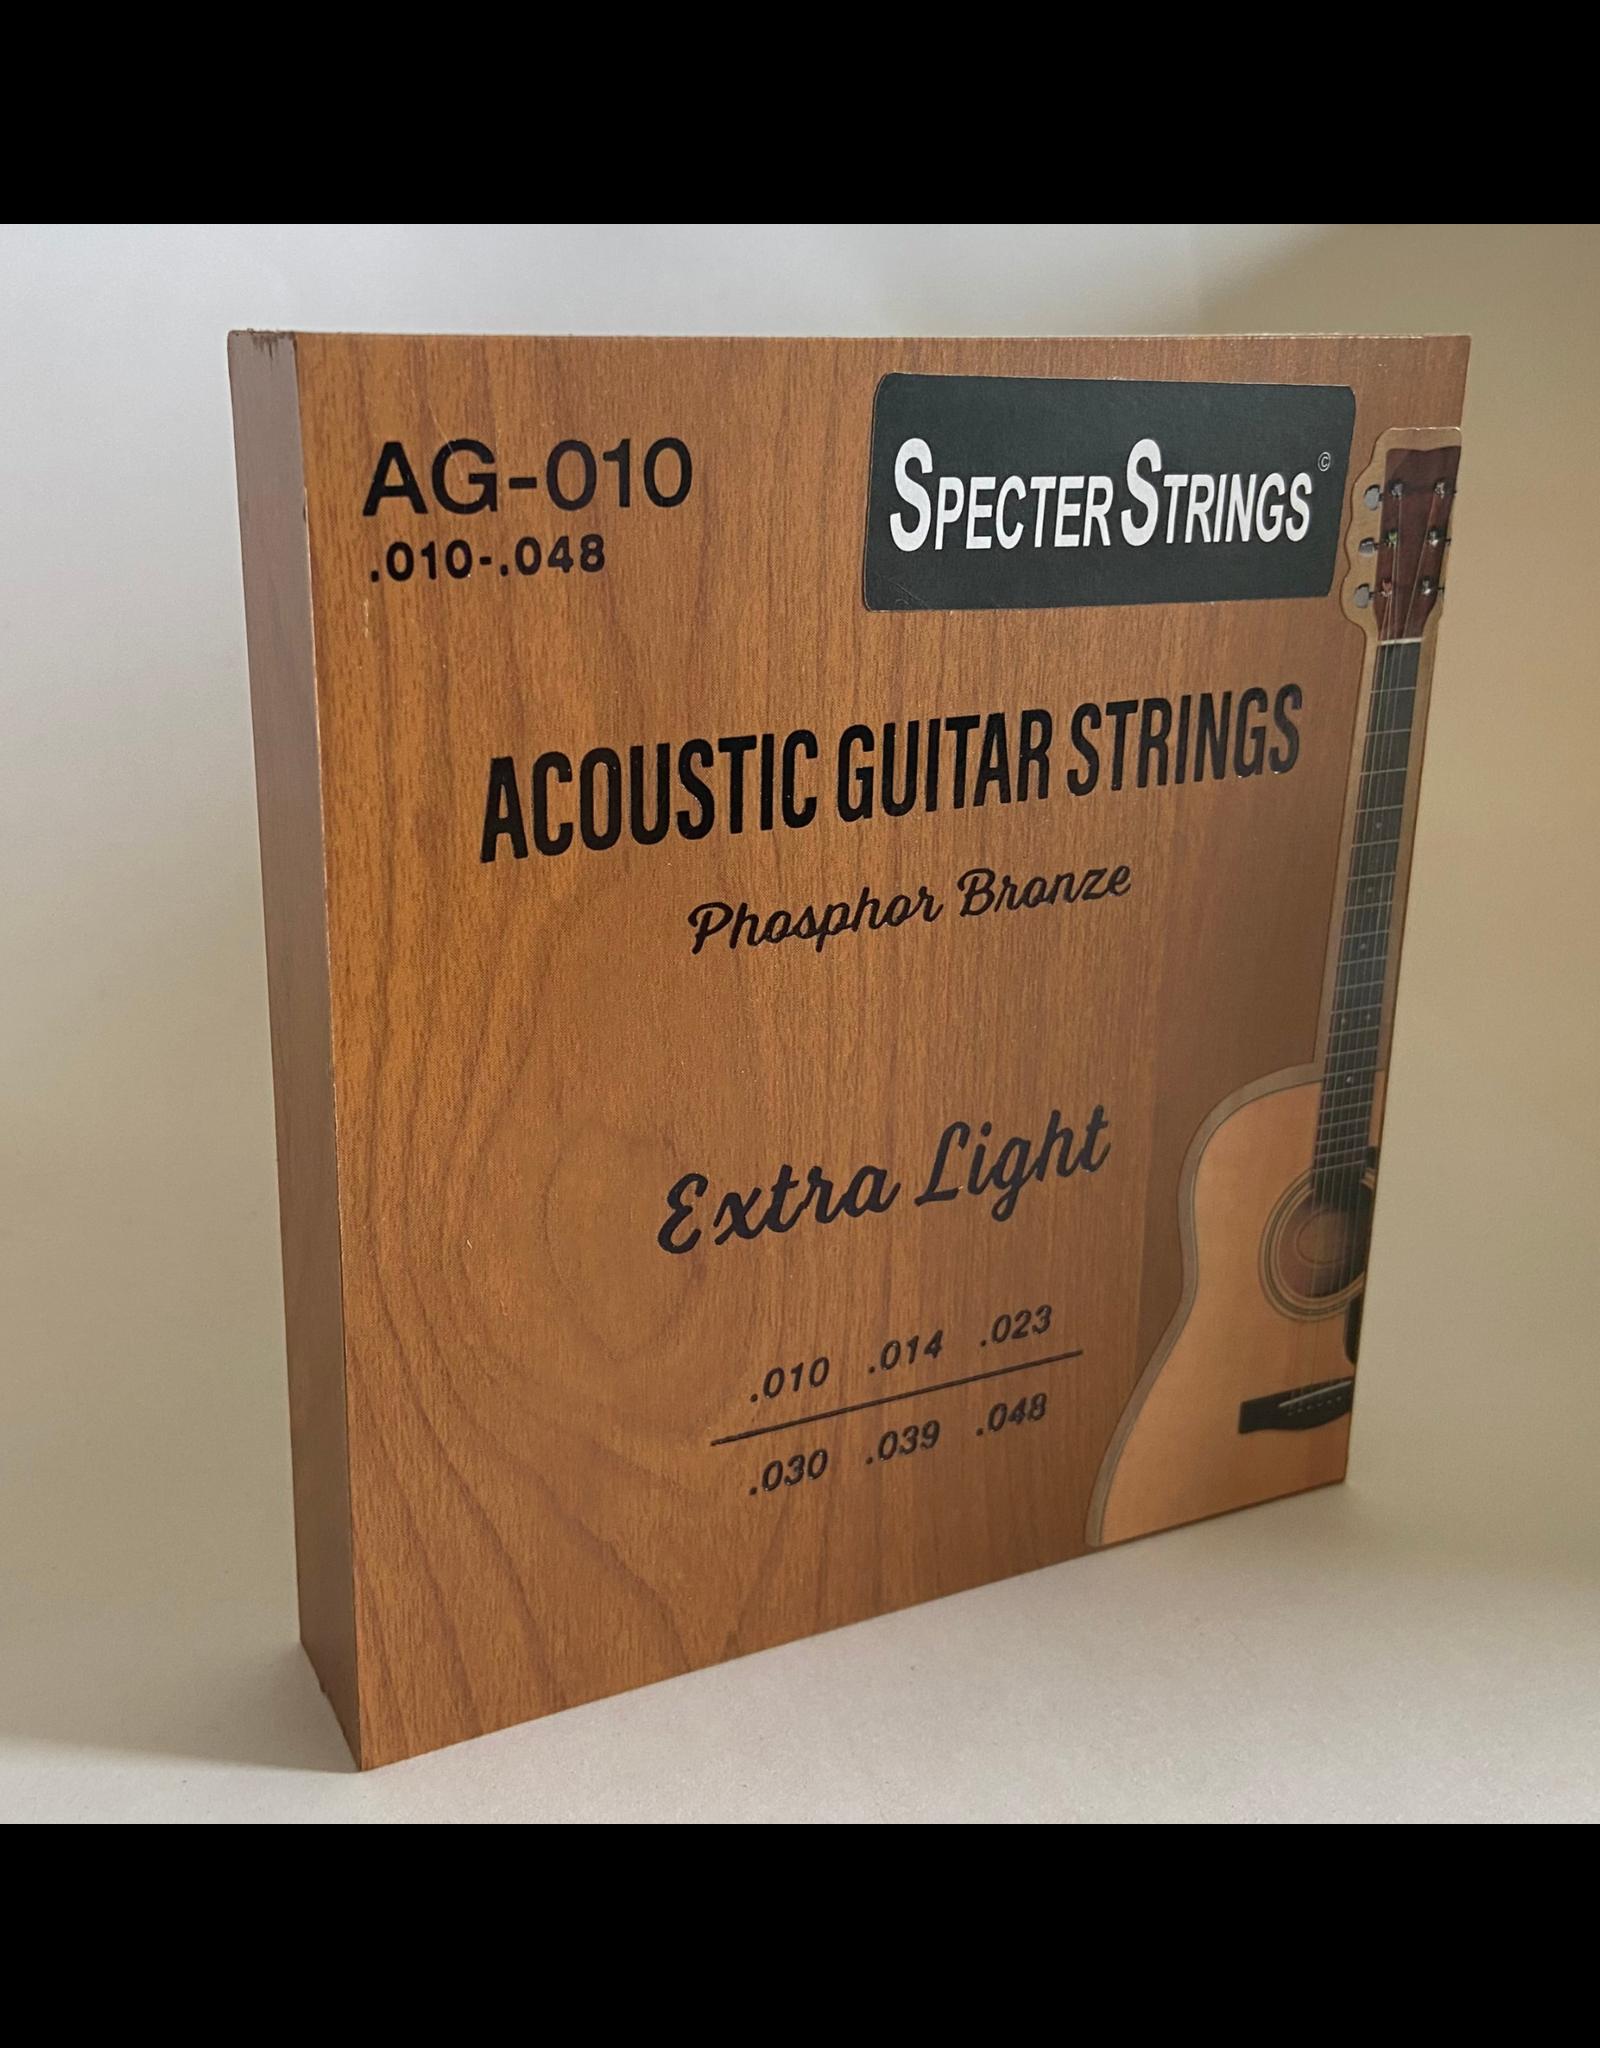 Specter Specter Strings professionele snaren voor de akoestische gitaar (western gitaar) set .010 Bronze - snarenset